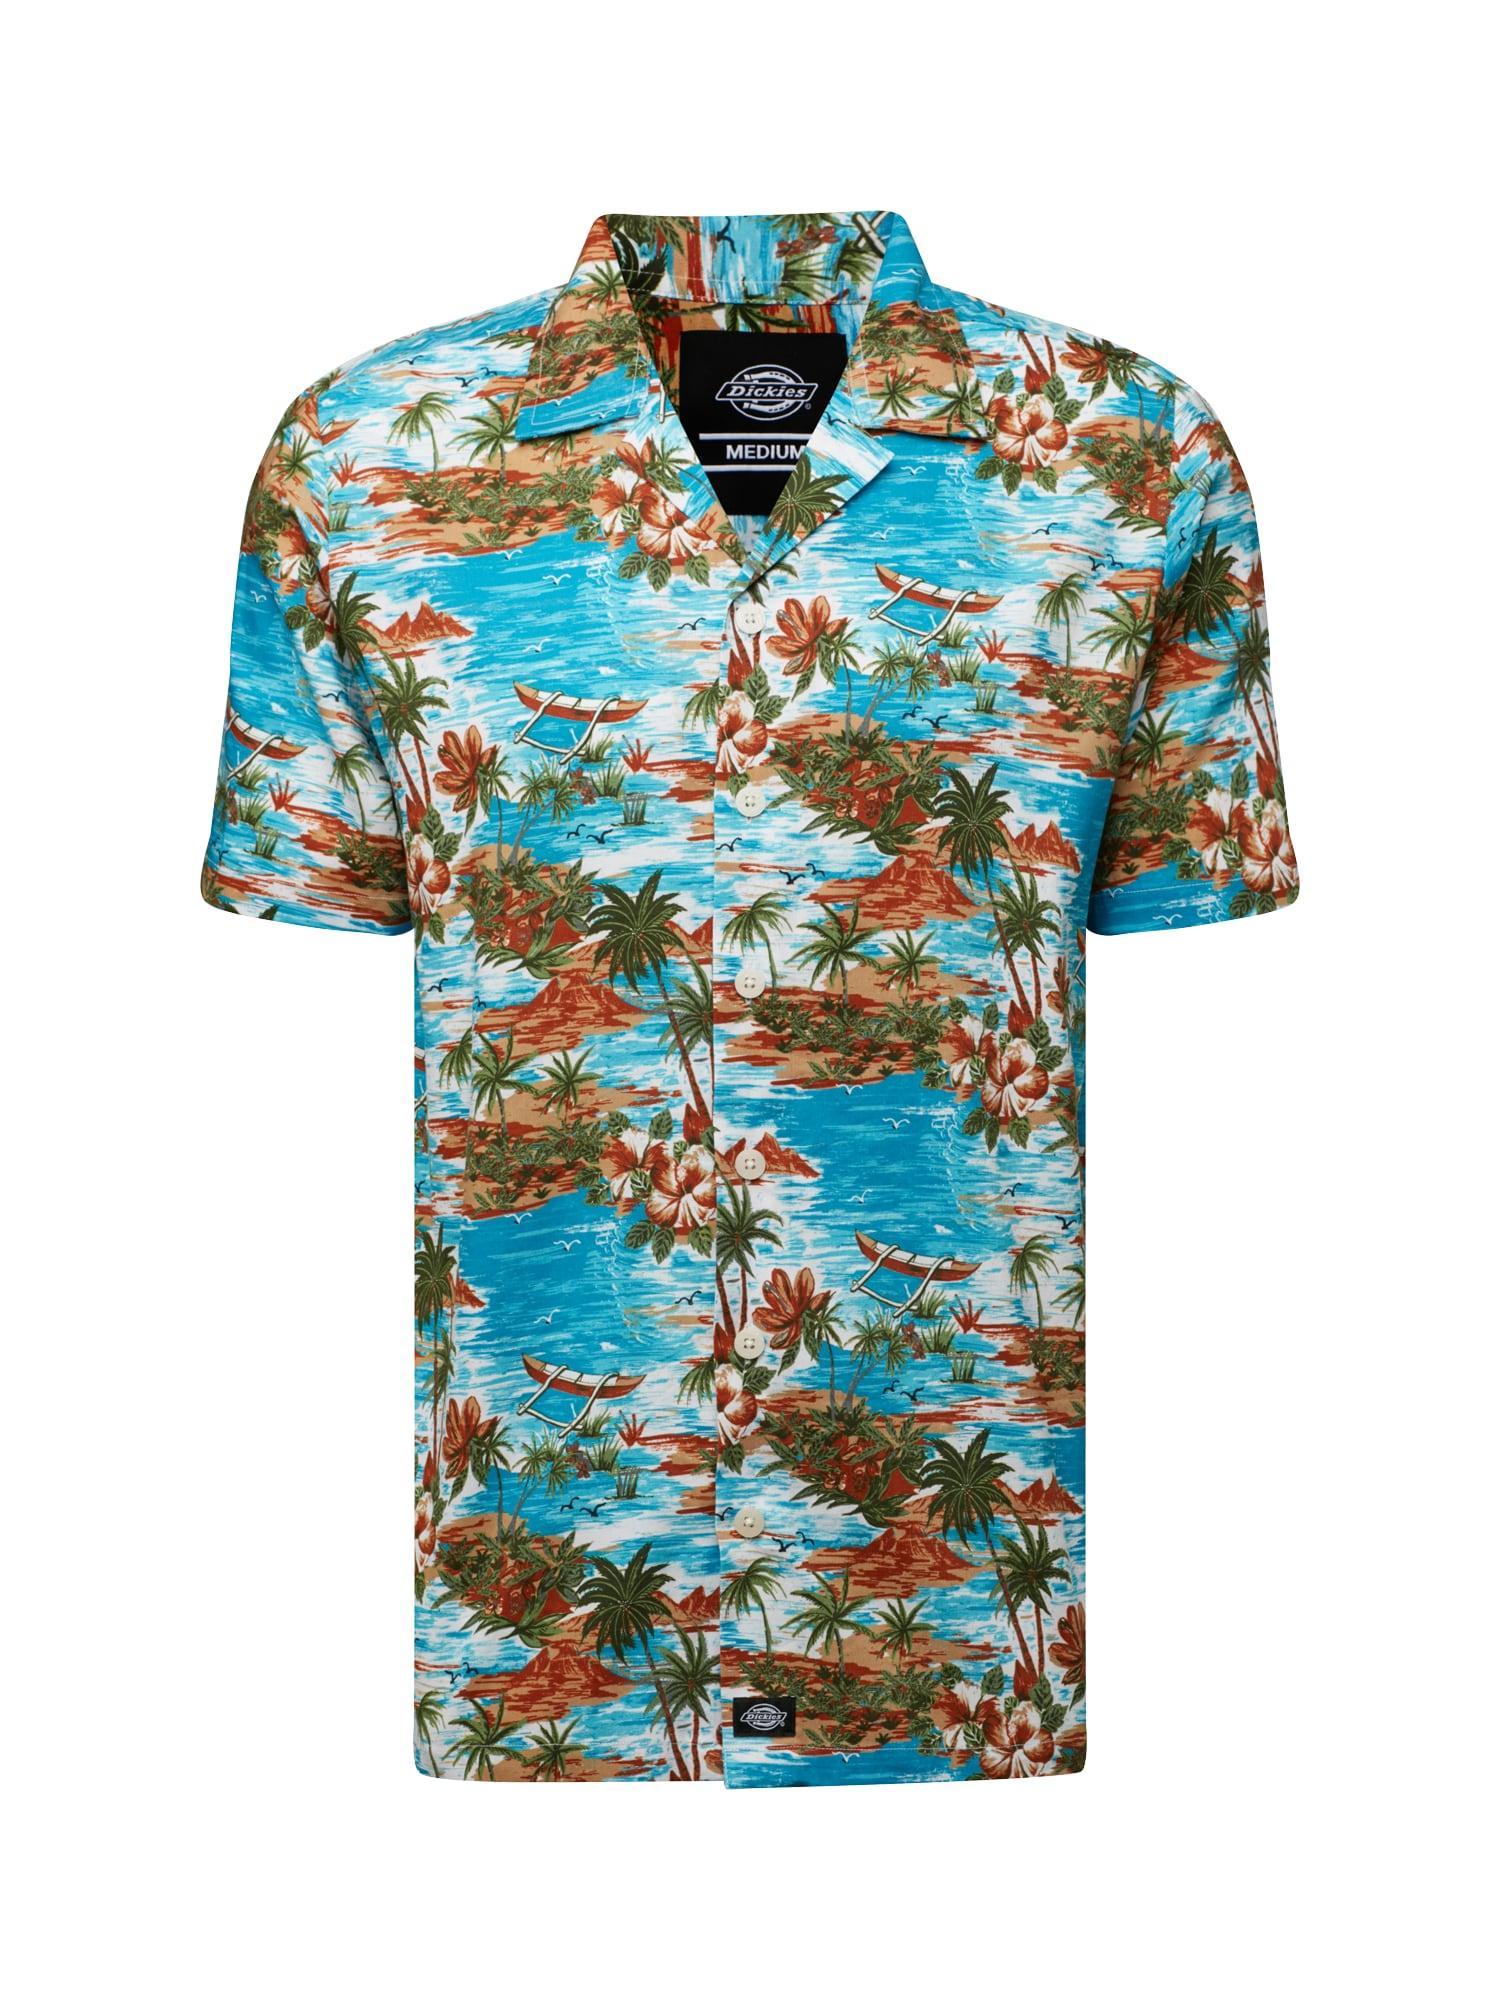 Košile Blossvale světlemodrá hnědá mix barev DICKIES